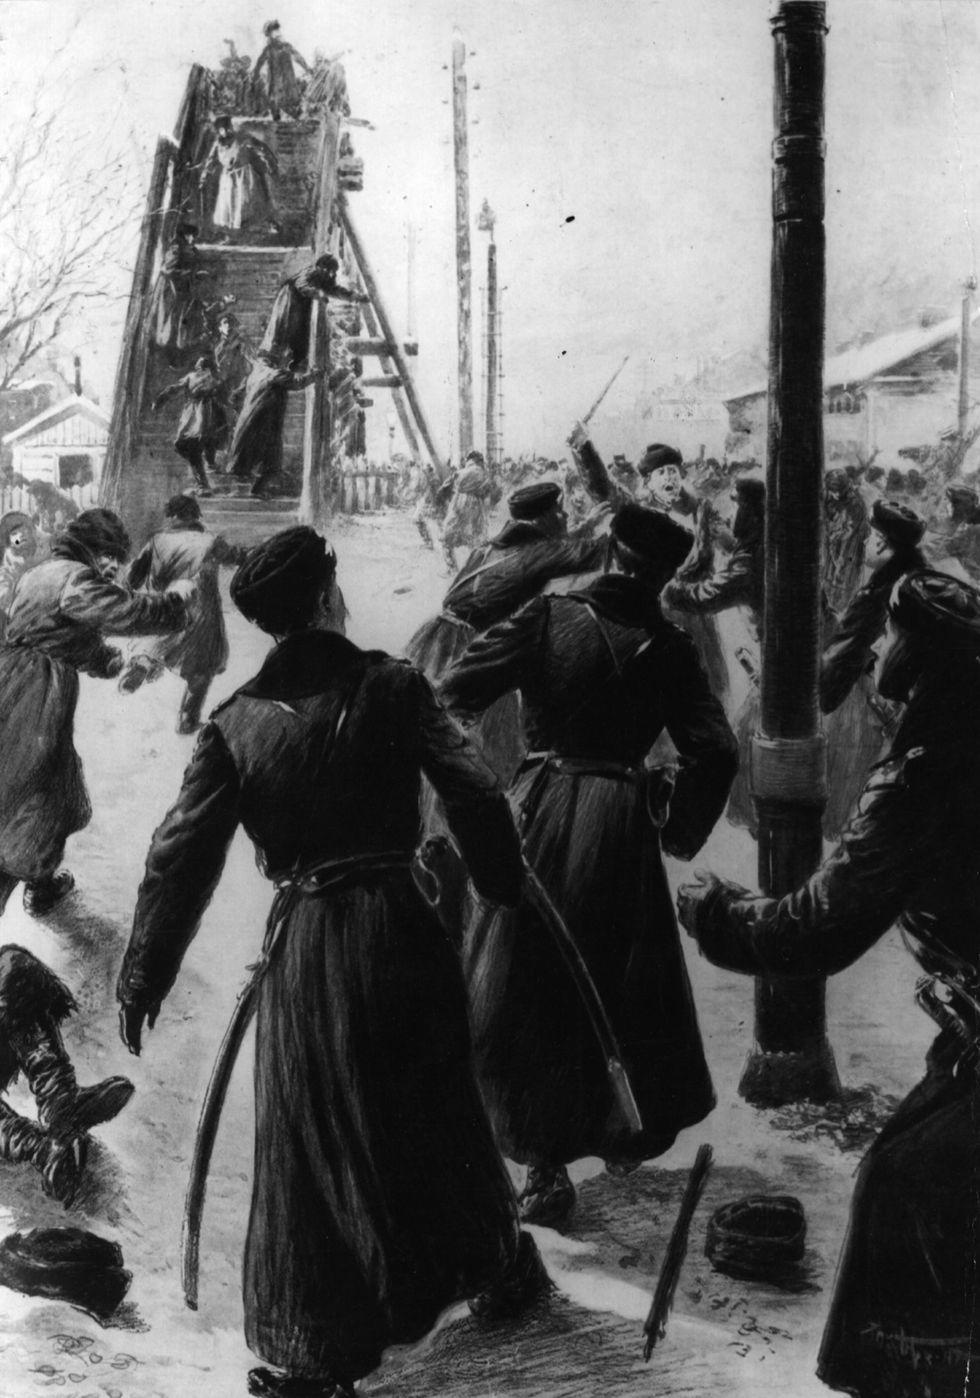 Rivoluzione russa,100 anni: le premesse (1905-1917)